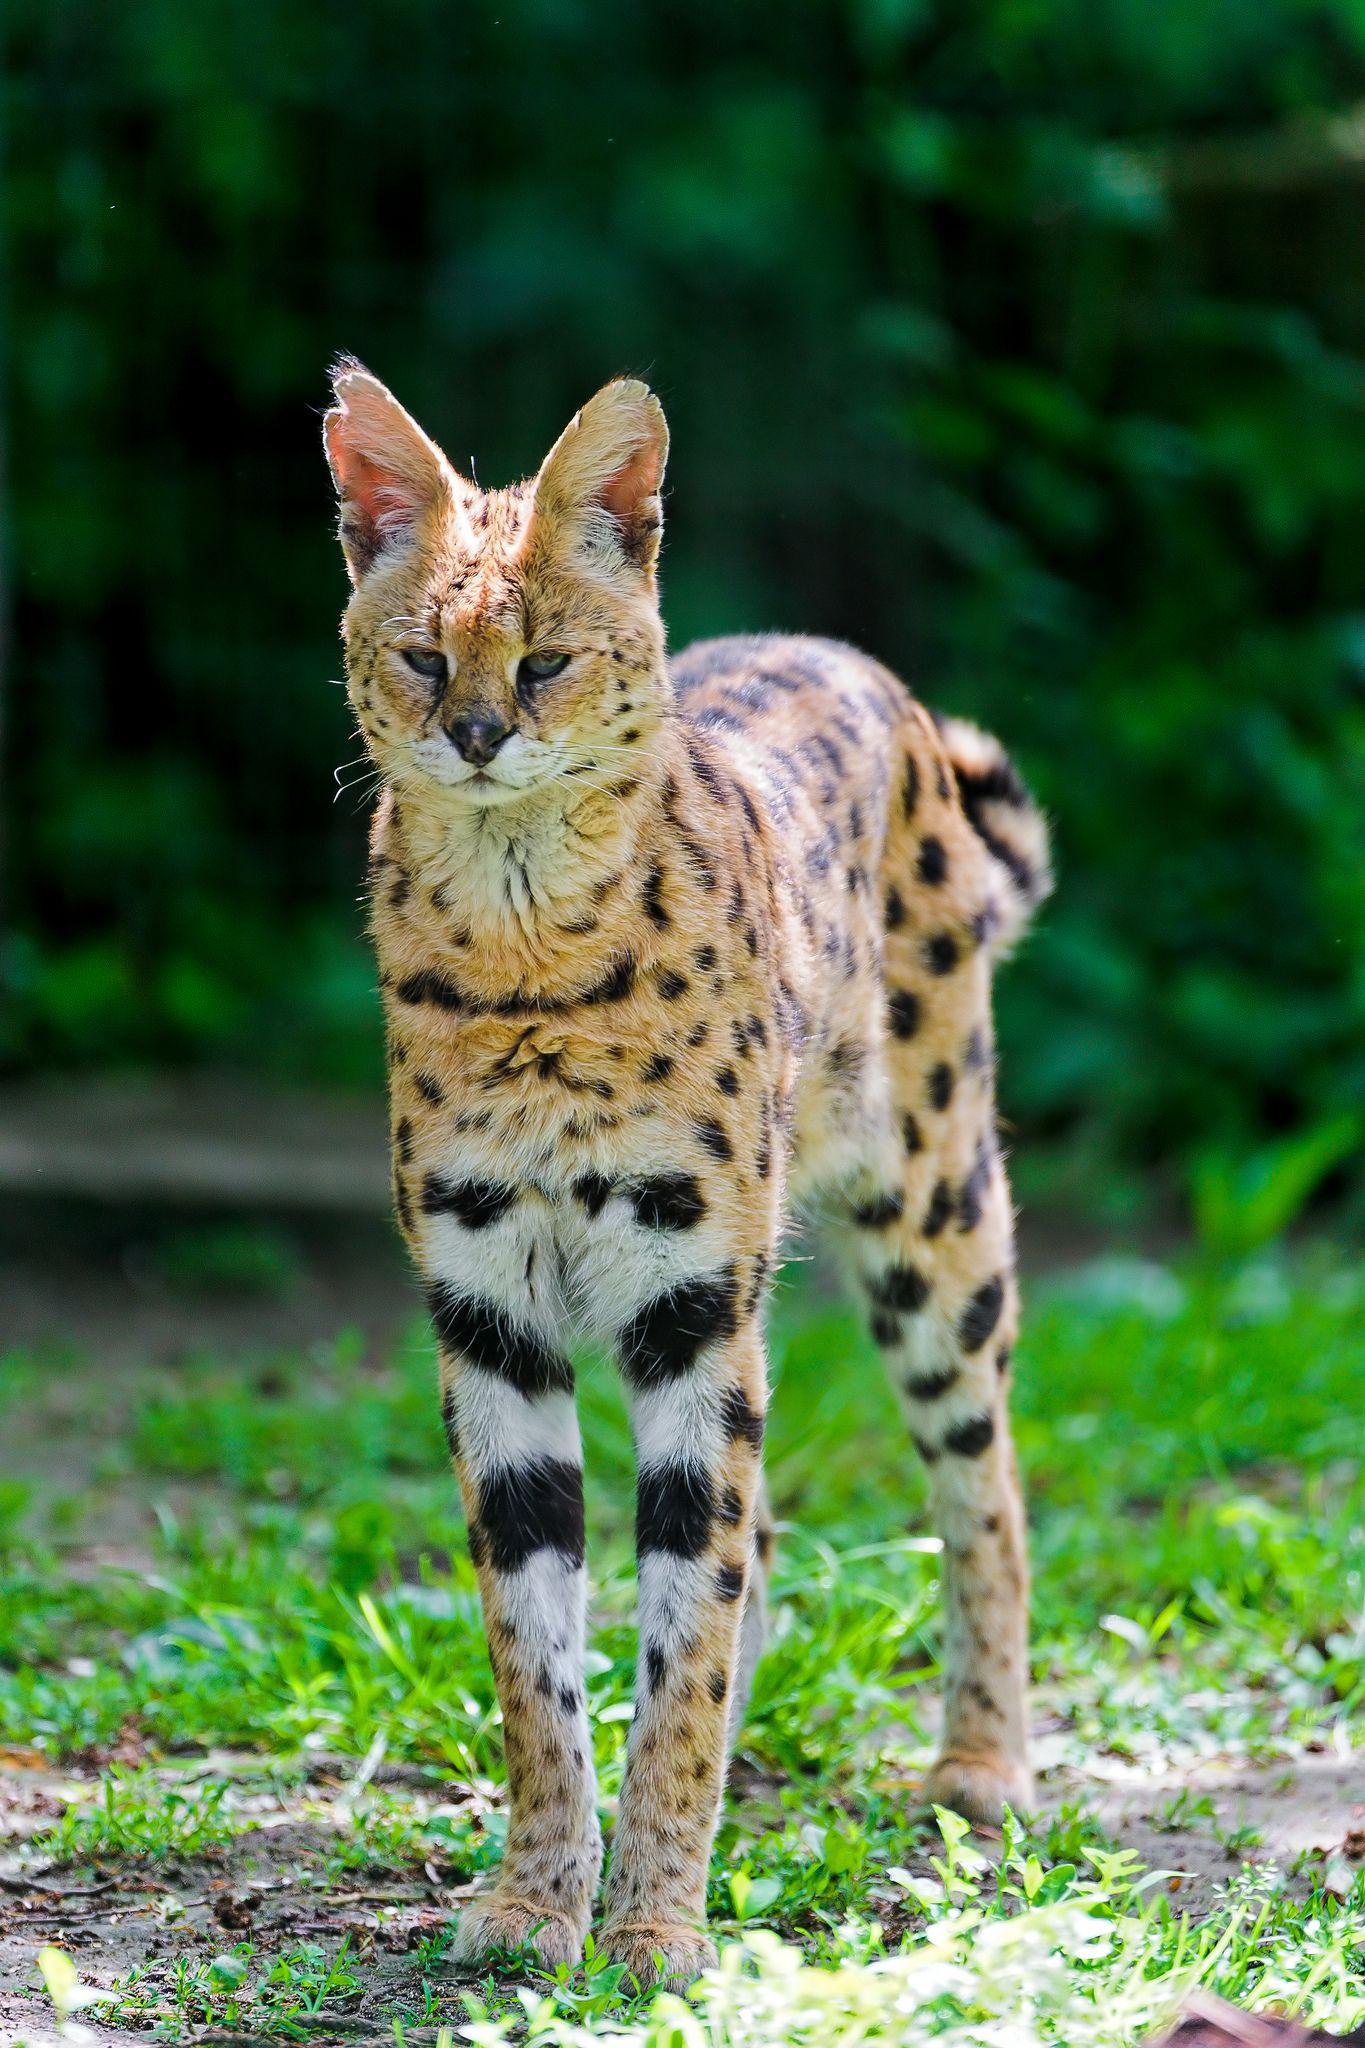 Serval standing up Çok şirin hayvanlar, Güzel kediler ve